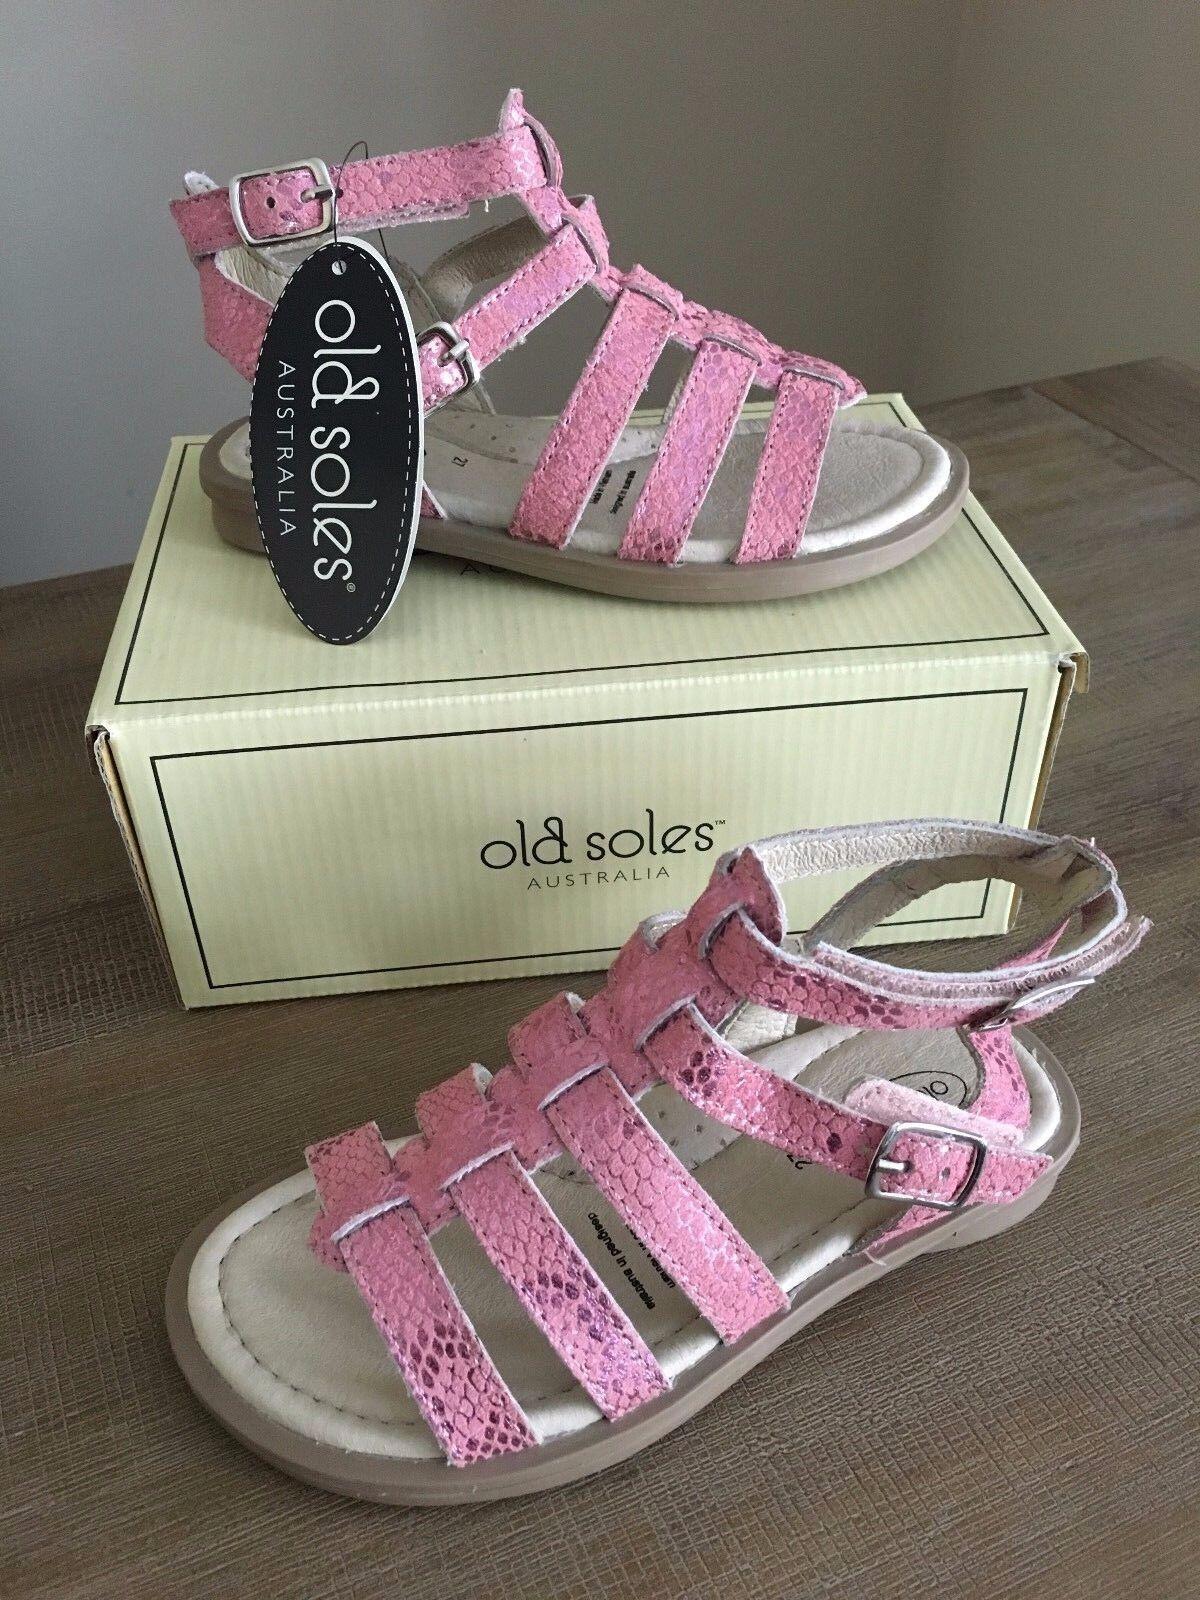 3.5 US 25-35 EU 11 NIB Old Soles Casting Powder Pink Sneakers 9 12 10 1